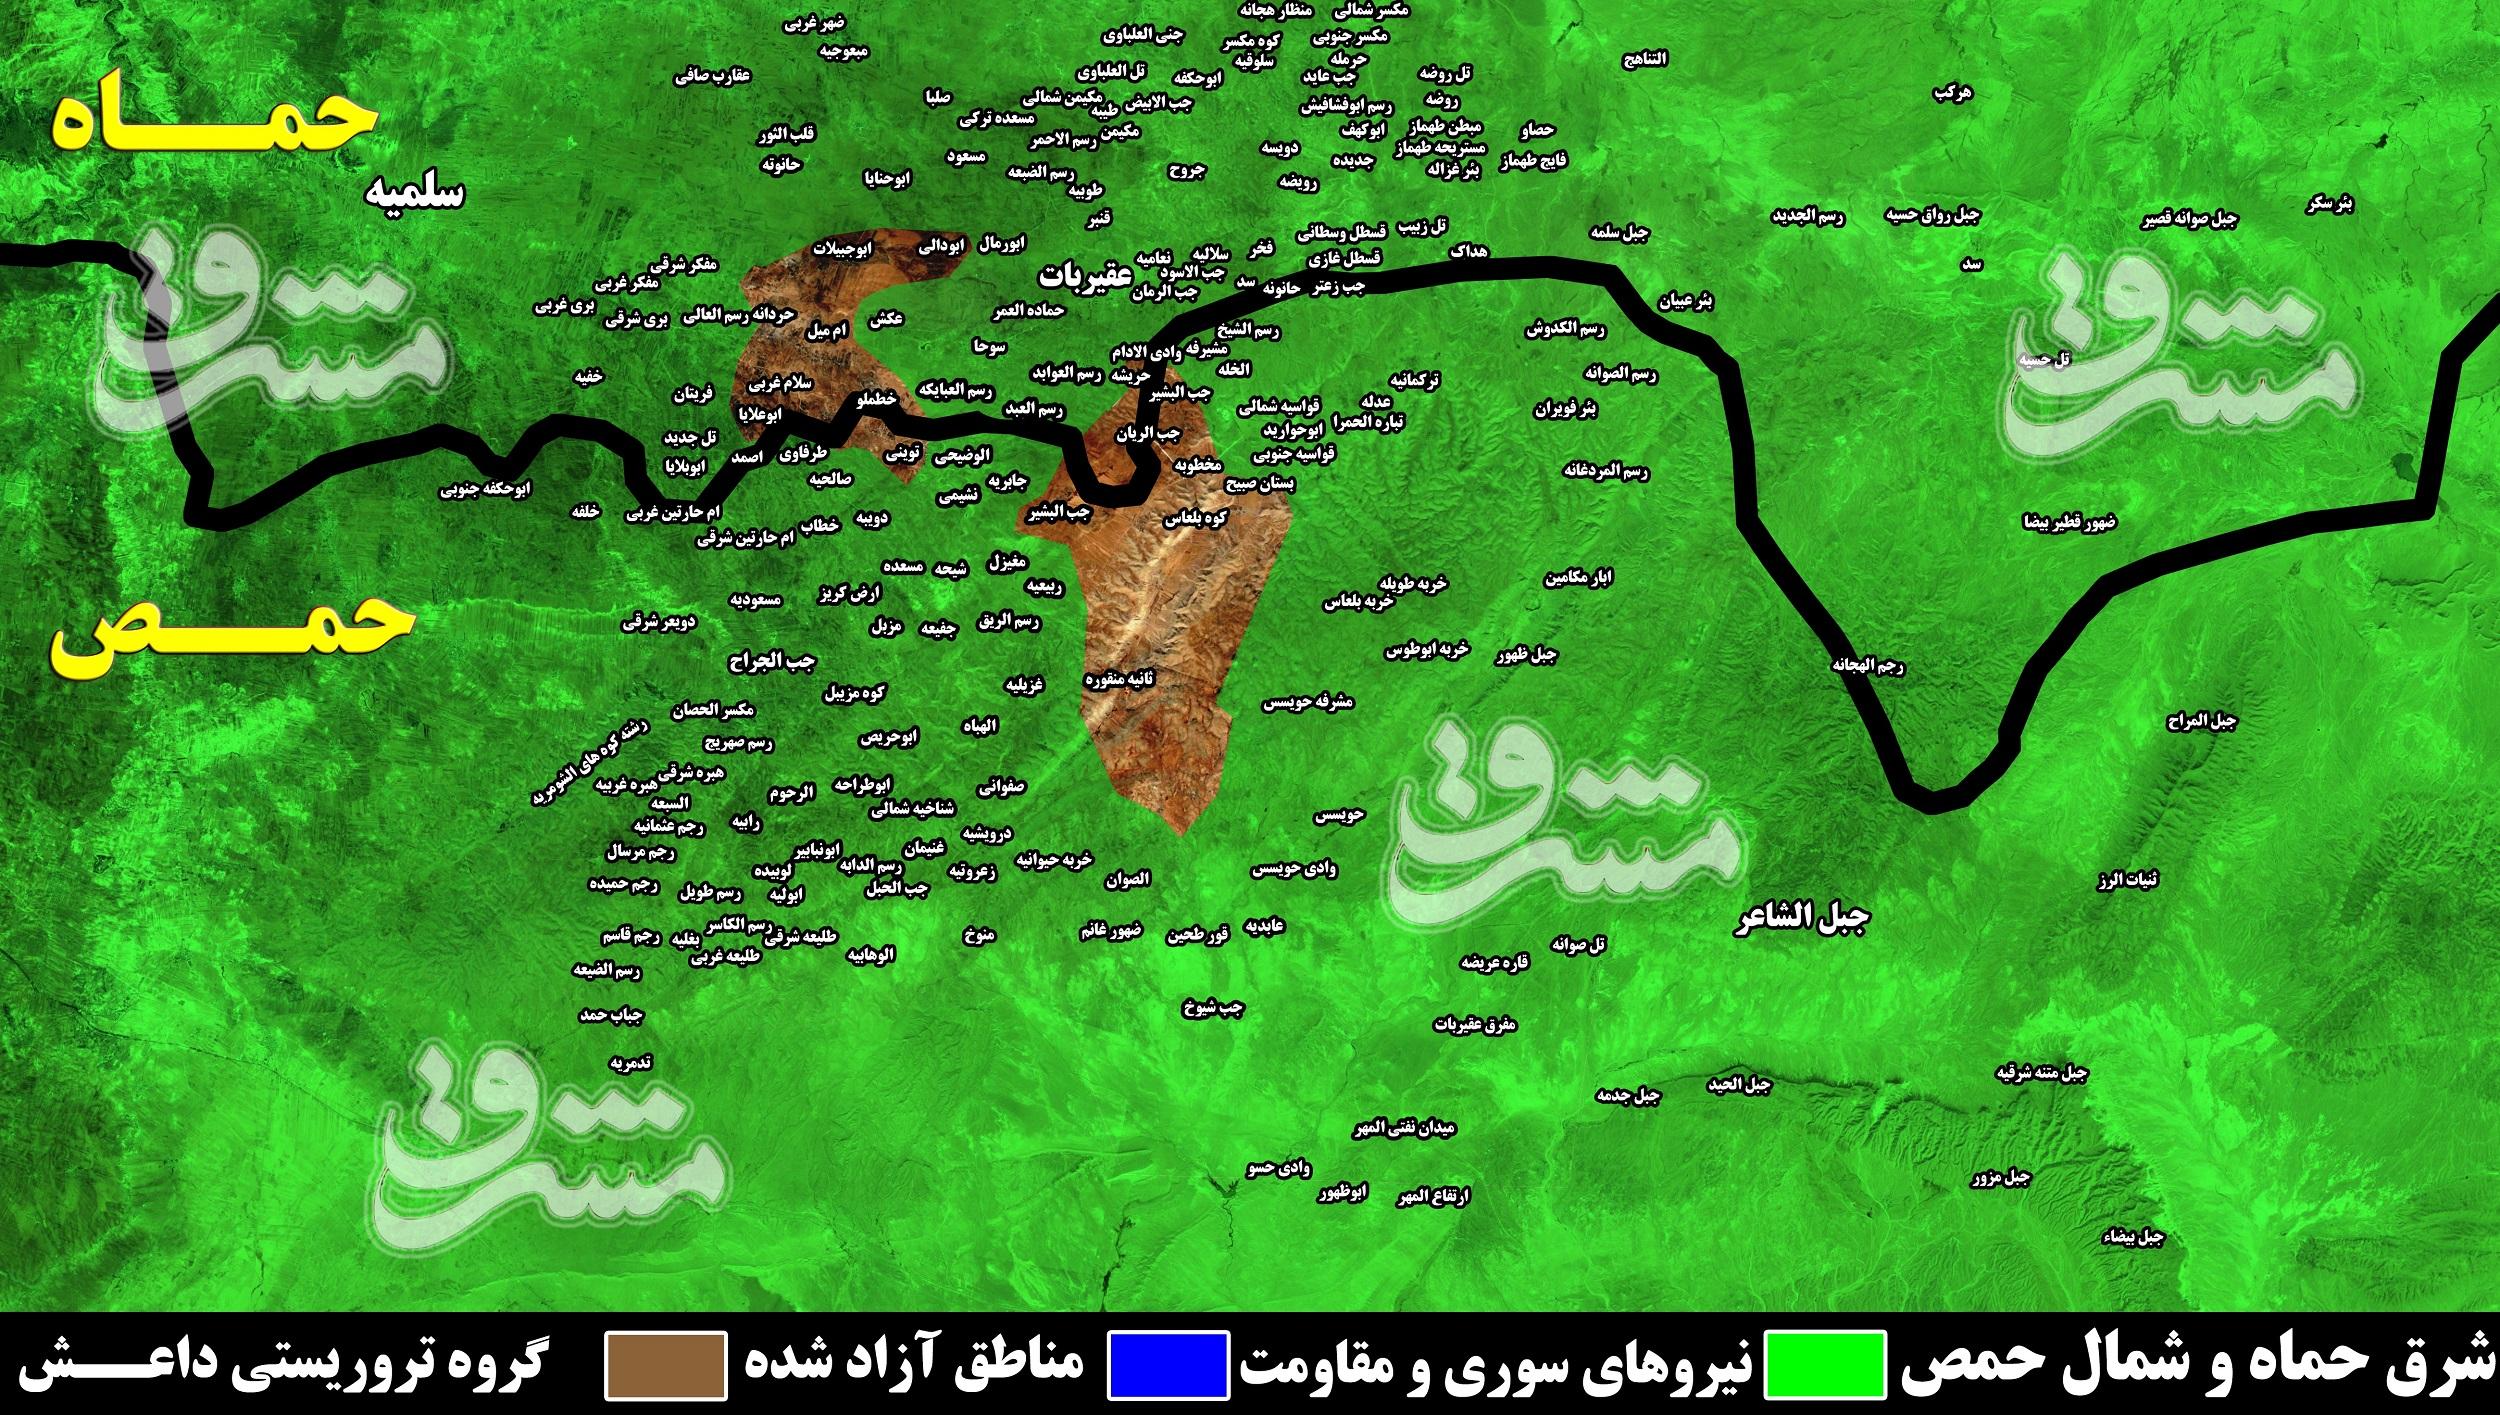 جبهه مقاومت داعش را دو تکه کرد +نقشه